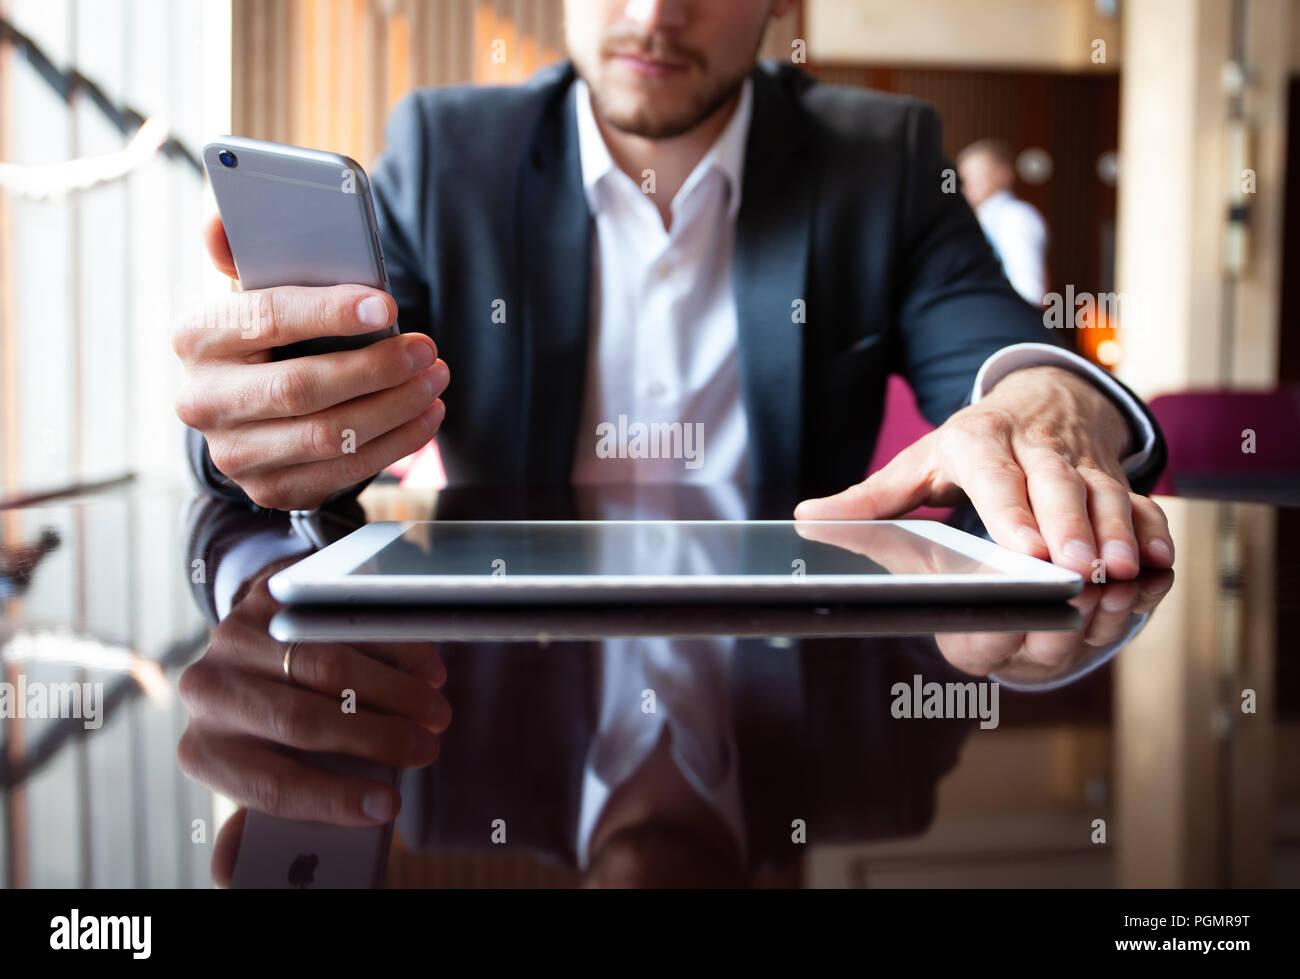 Jeune homme d'affaires travaillant avec les appareils modernes, tablette numérique, ordinateur et téléphone mobile. Photo Stock